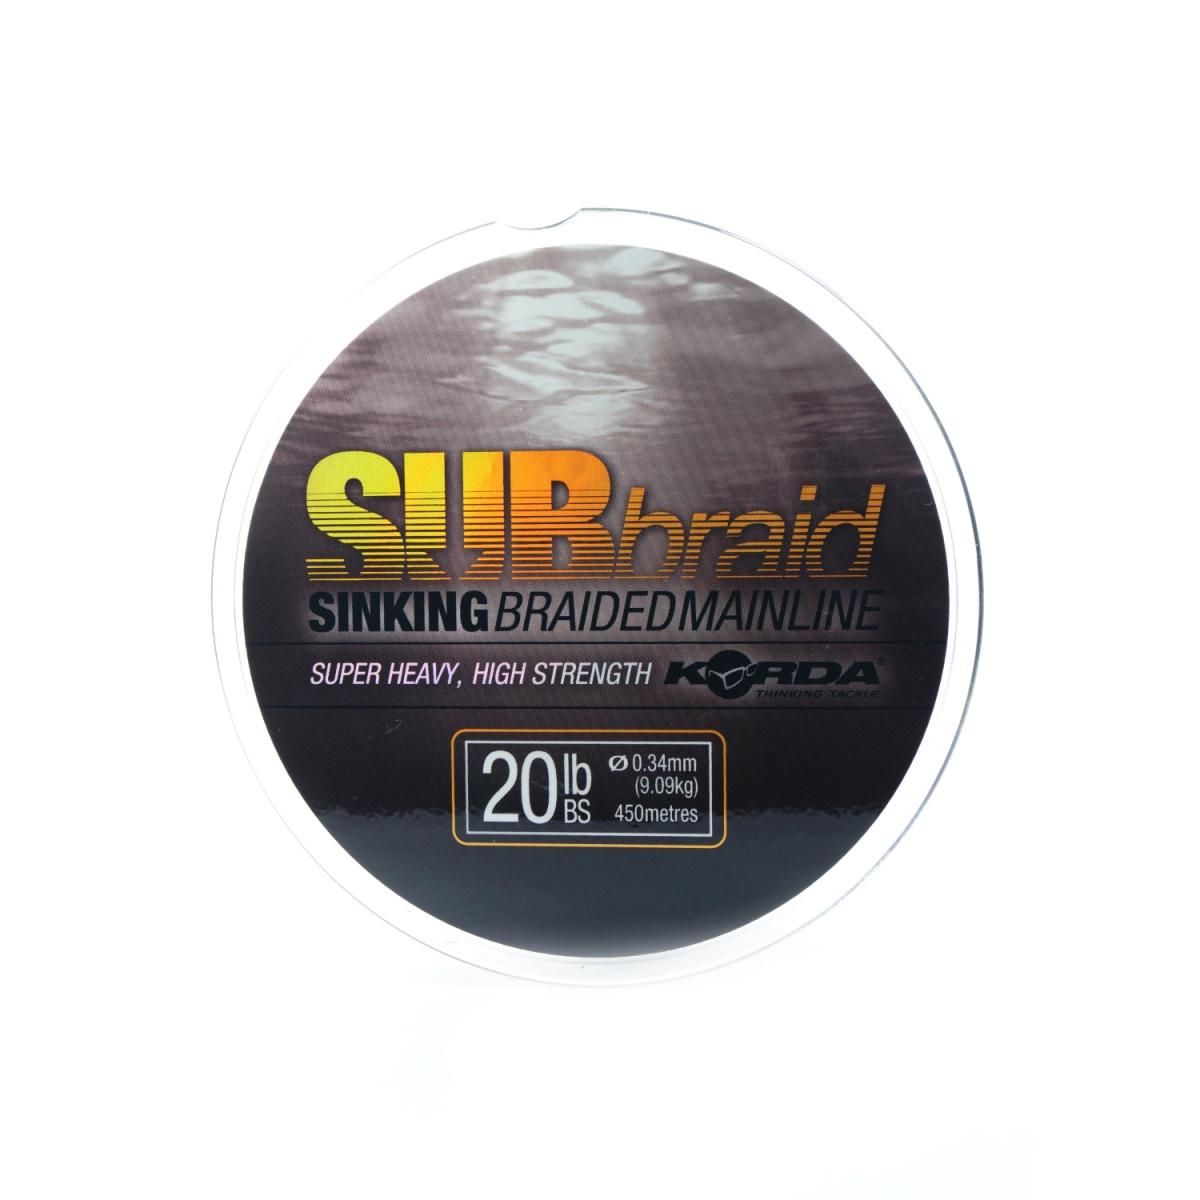 Korda SUBBraid Mainline wytrzymałość 20lb / 450m